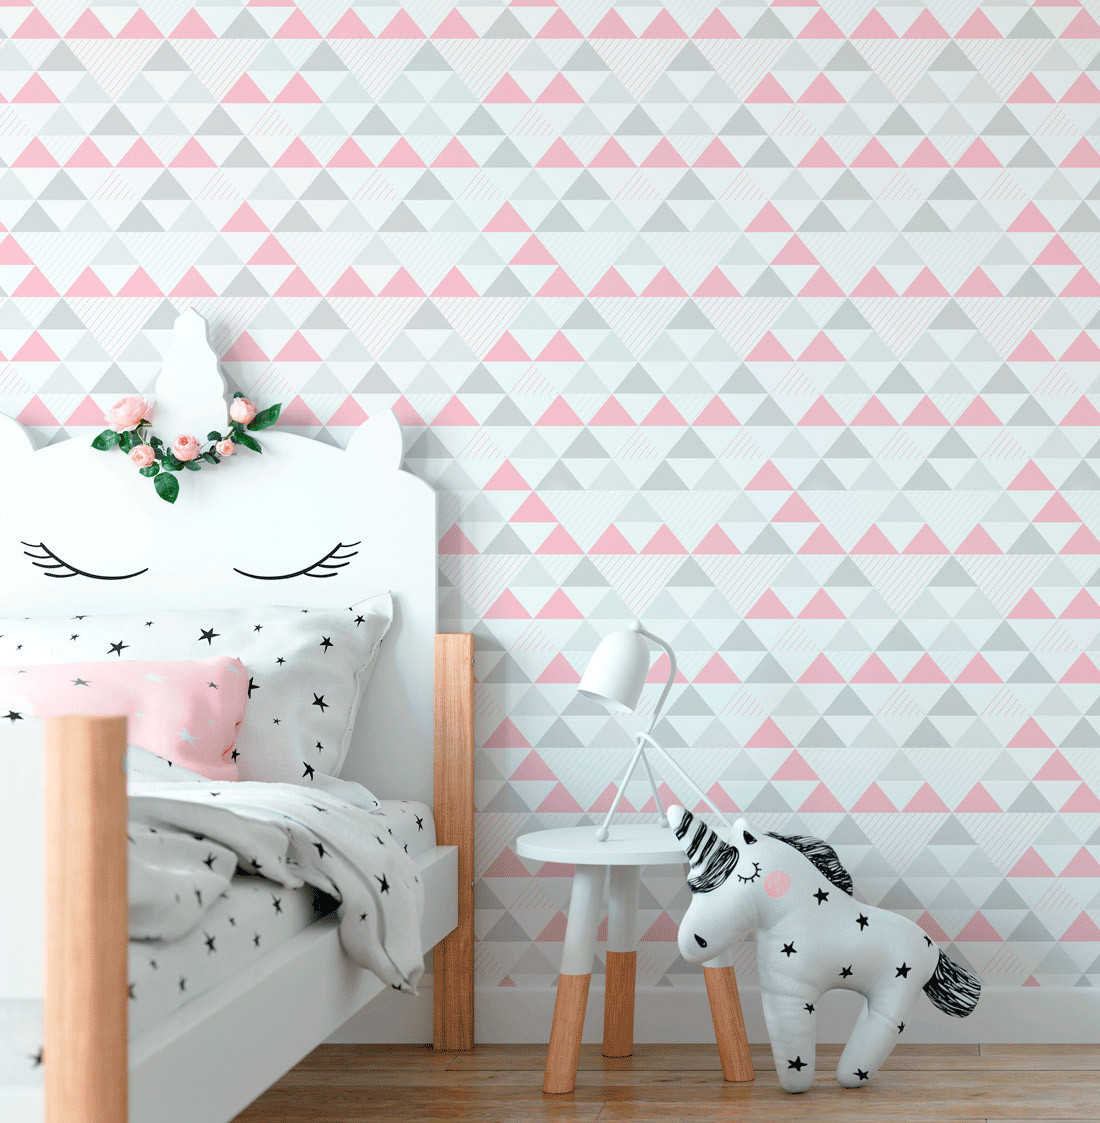 Papel de Parede Infantil de Triângulos (Tons de Rosa)